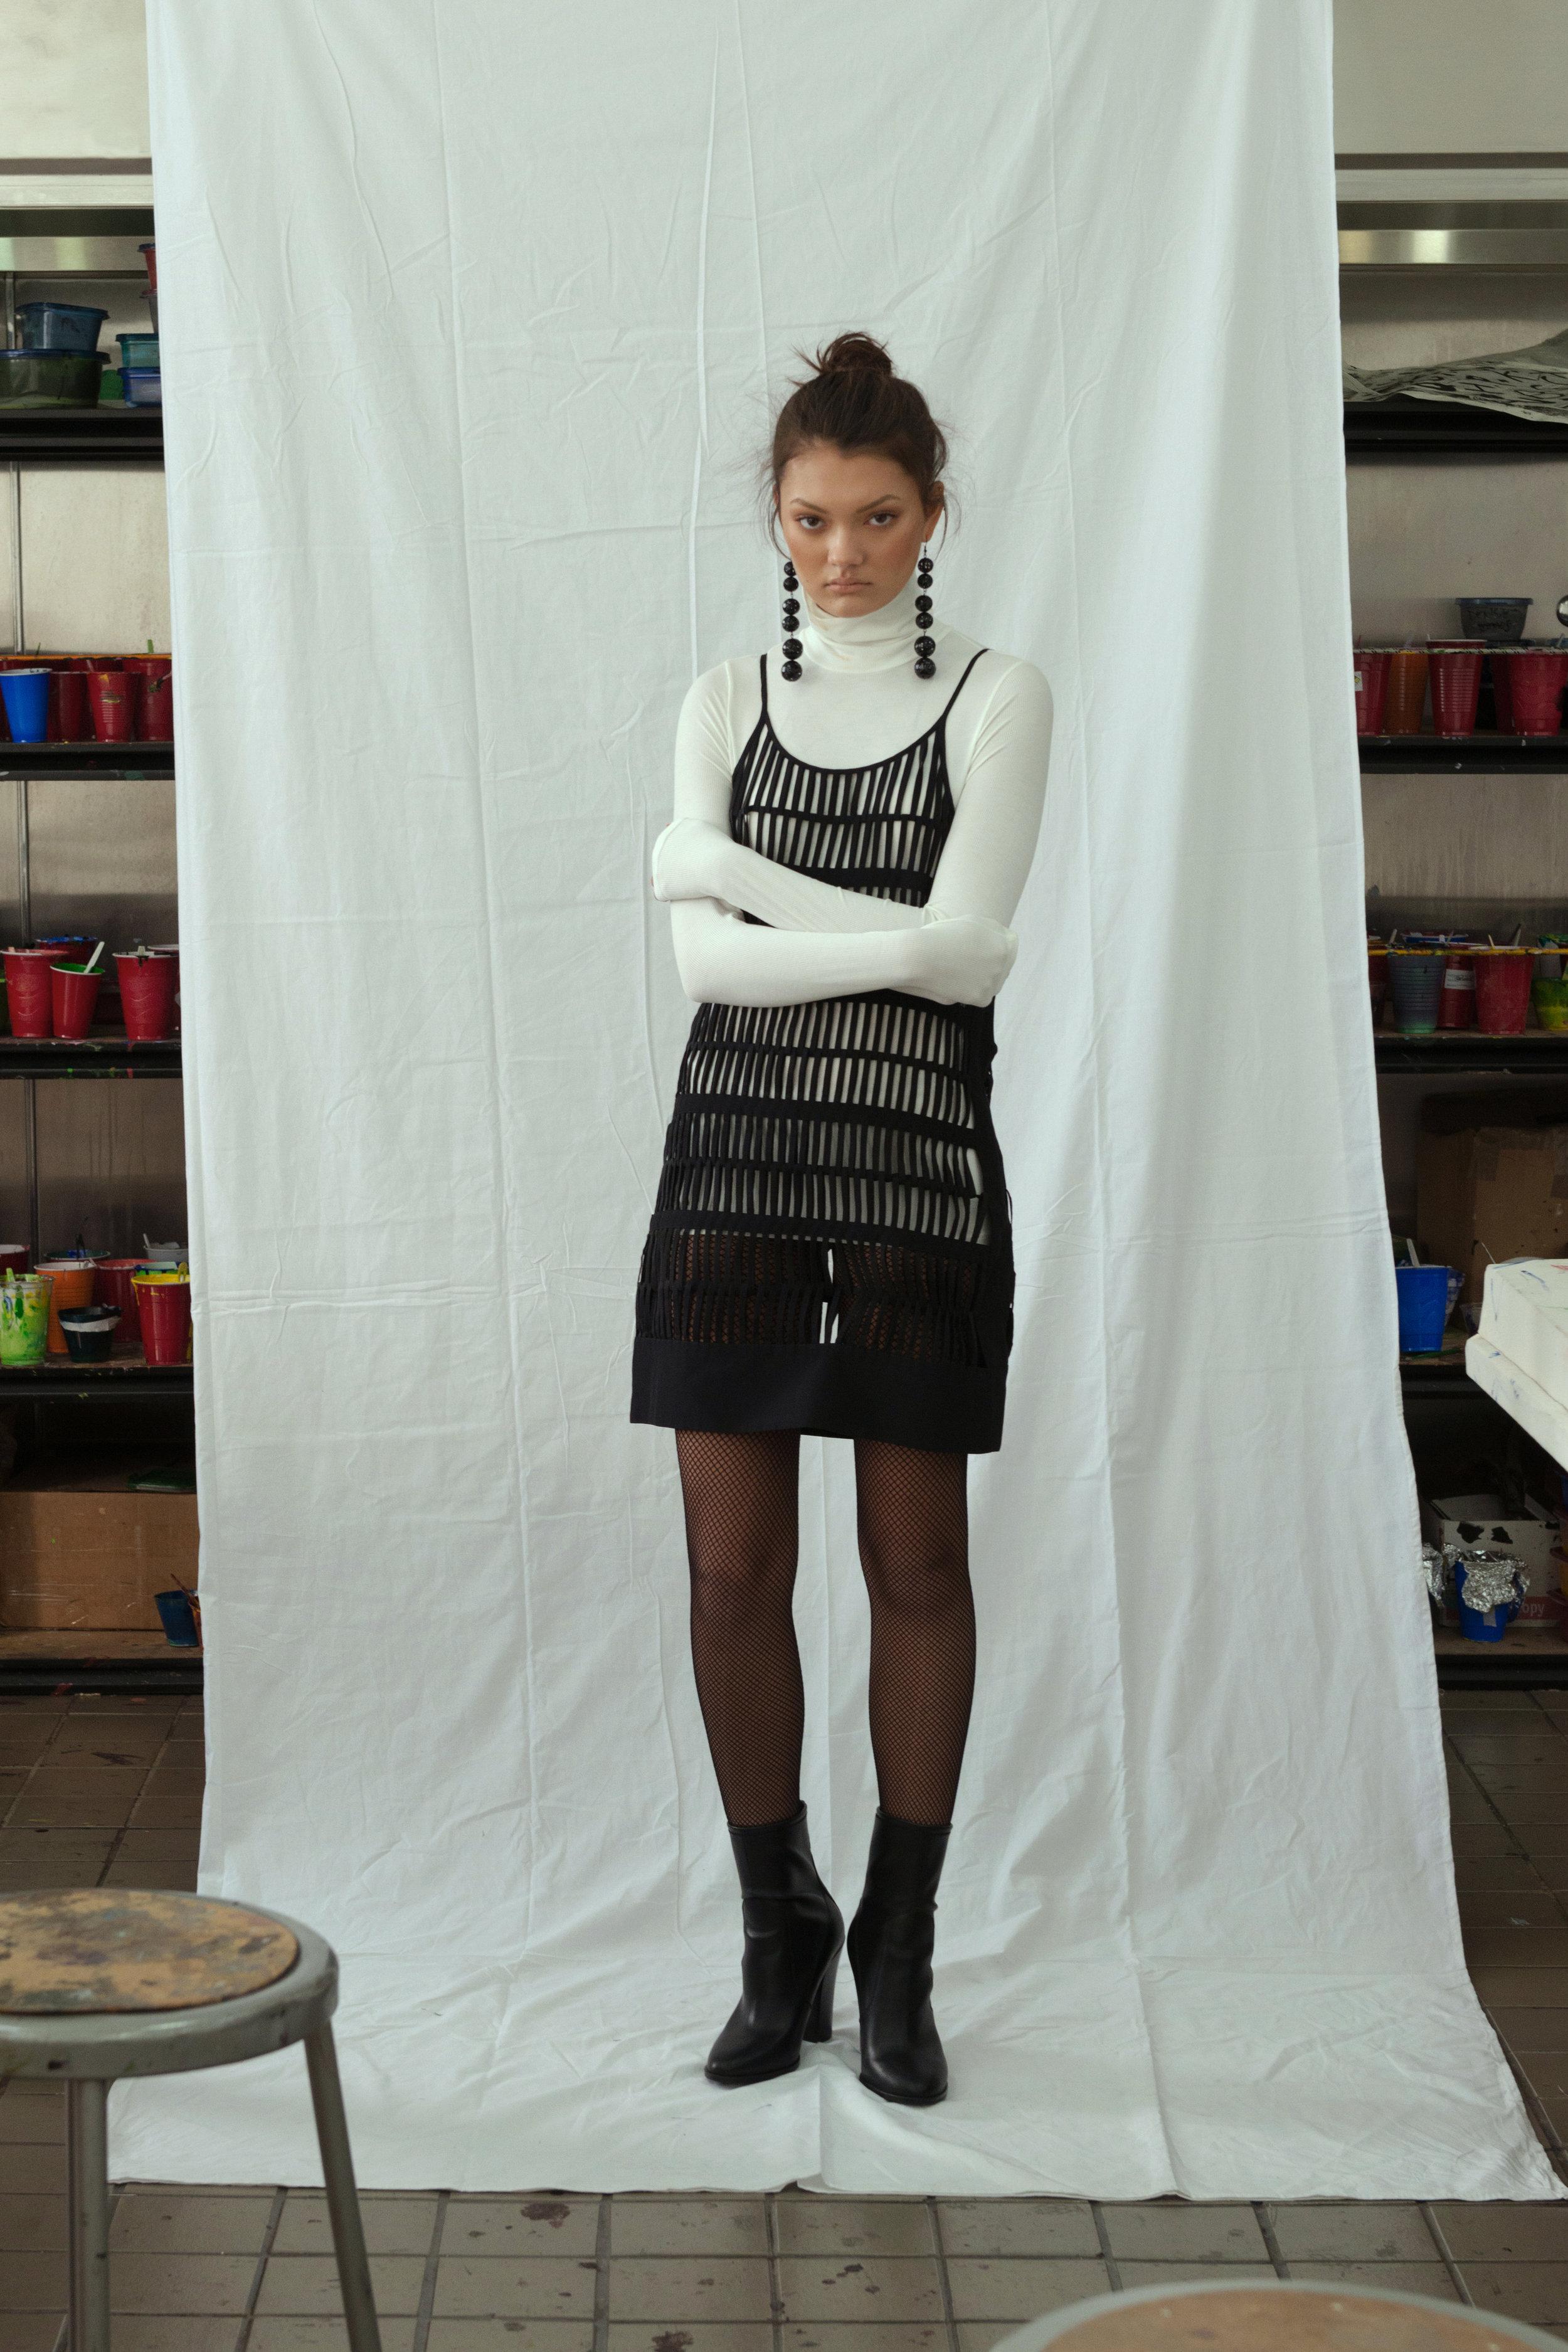 top  H&M ,dress  LOEFFLER RANDALL boots  ALDO , earrings STYLIST'S ARCHIVE